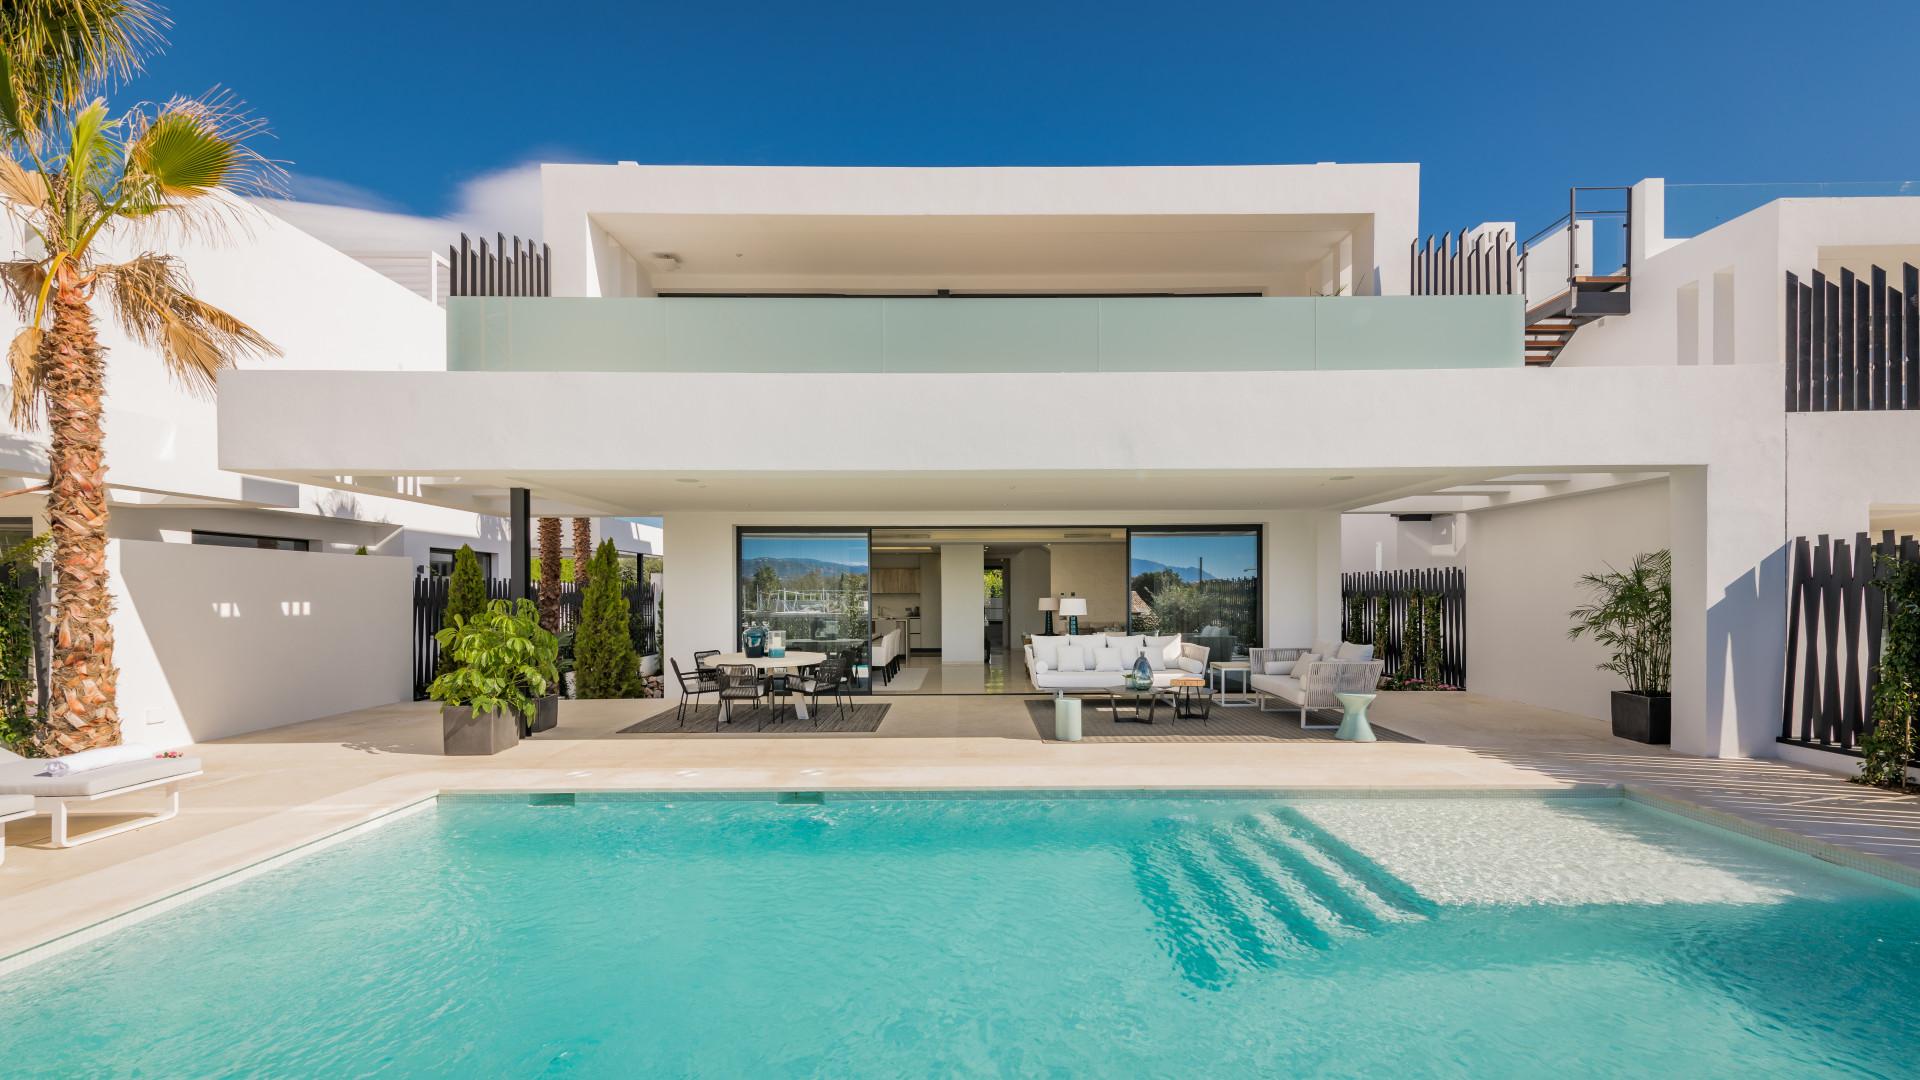 ARFV1894 - Elegante Villen zu verkaufen im modernen Baustil  auf der Goldenen Meile von Marbella